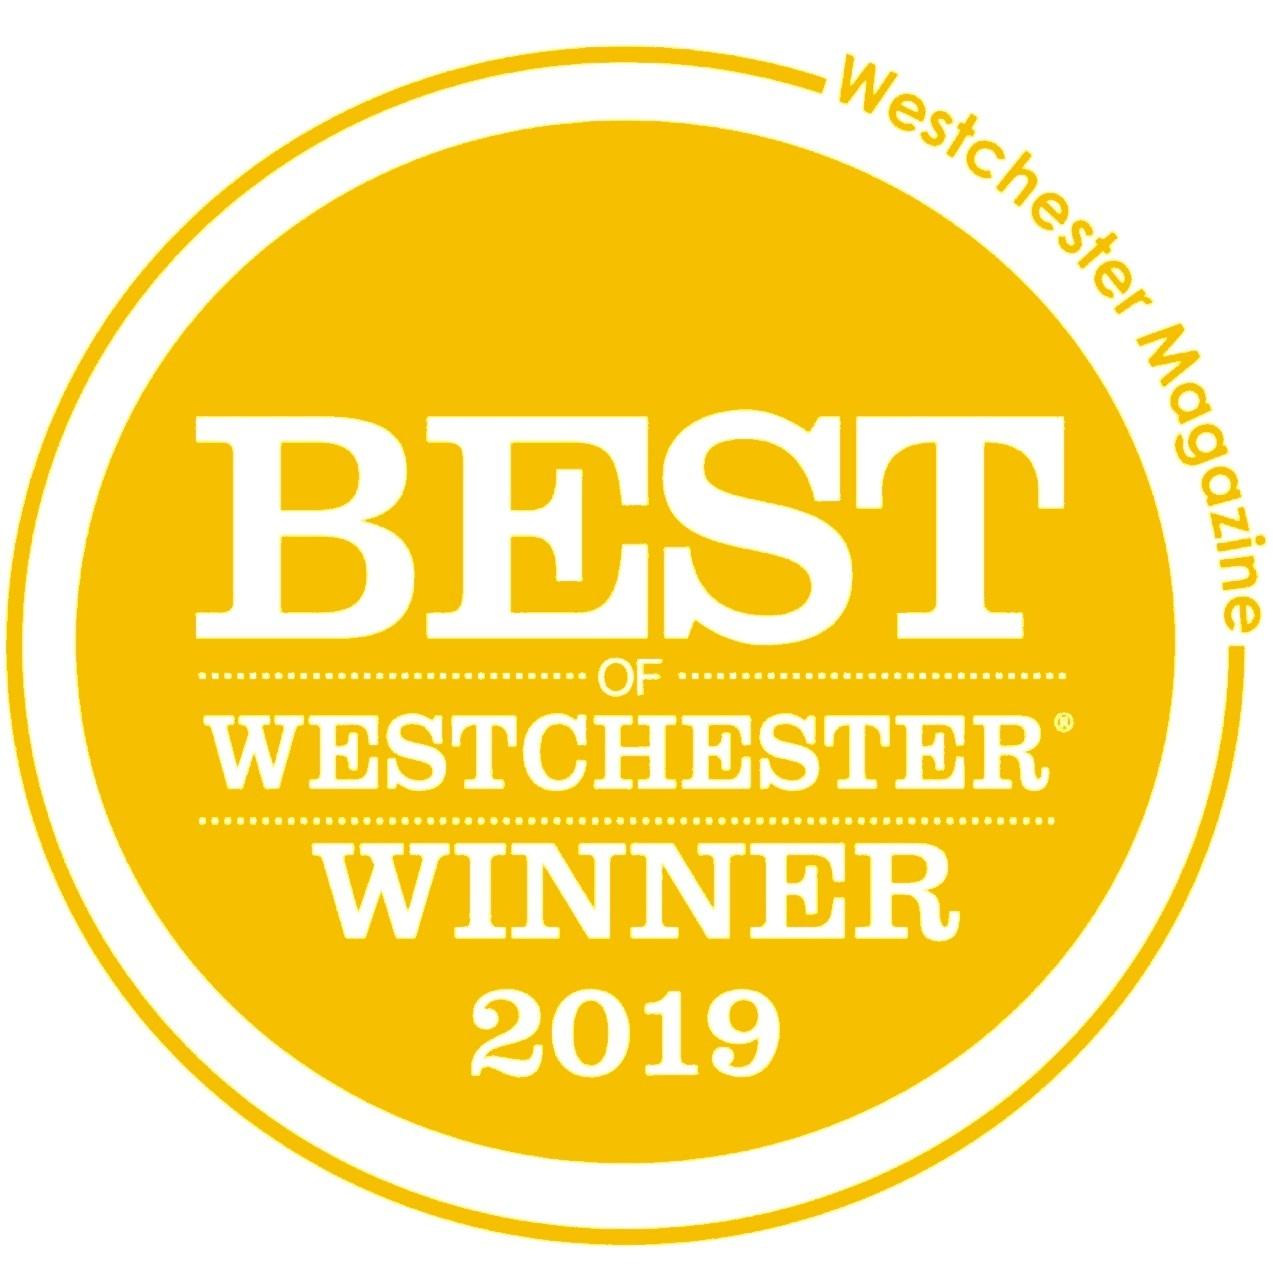 Best-landscape-designer-Westchester-2019.jpg